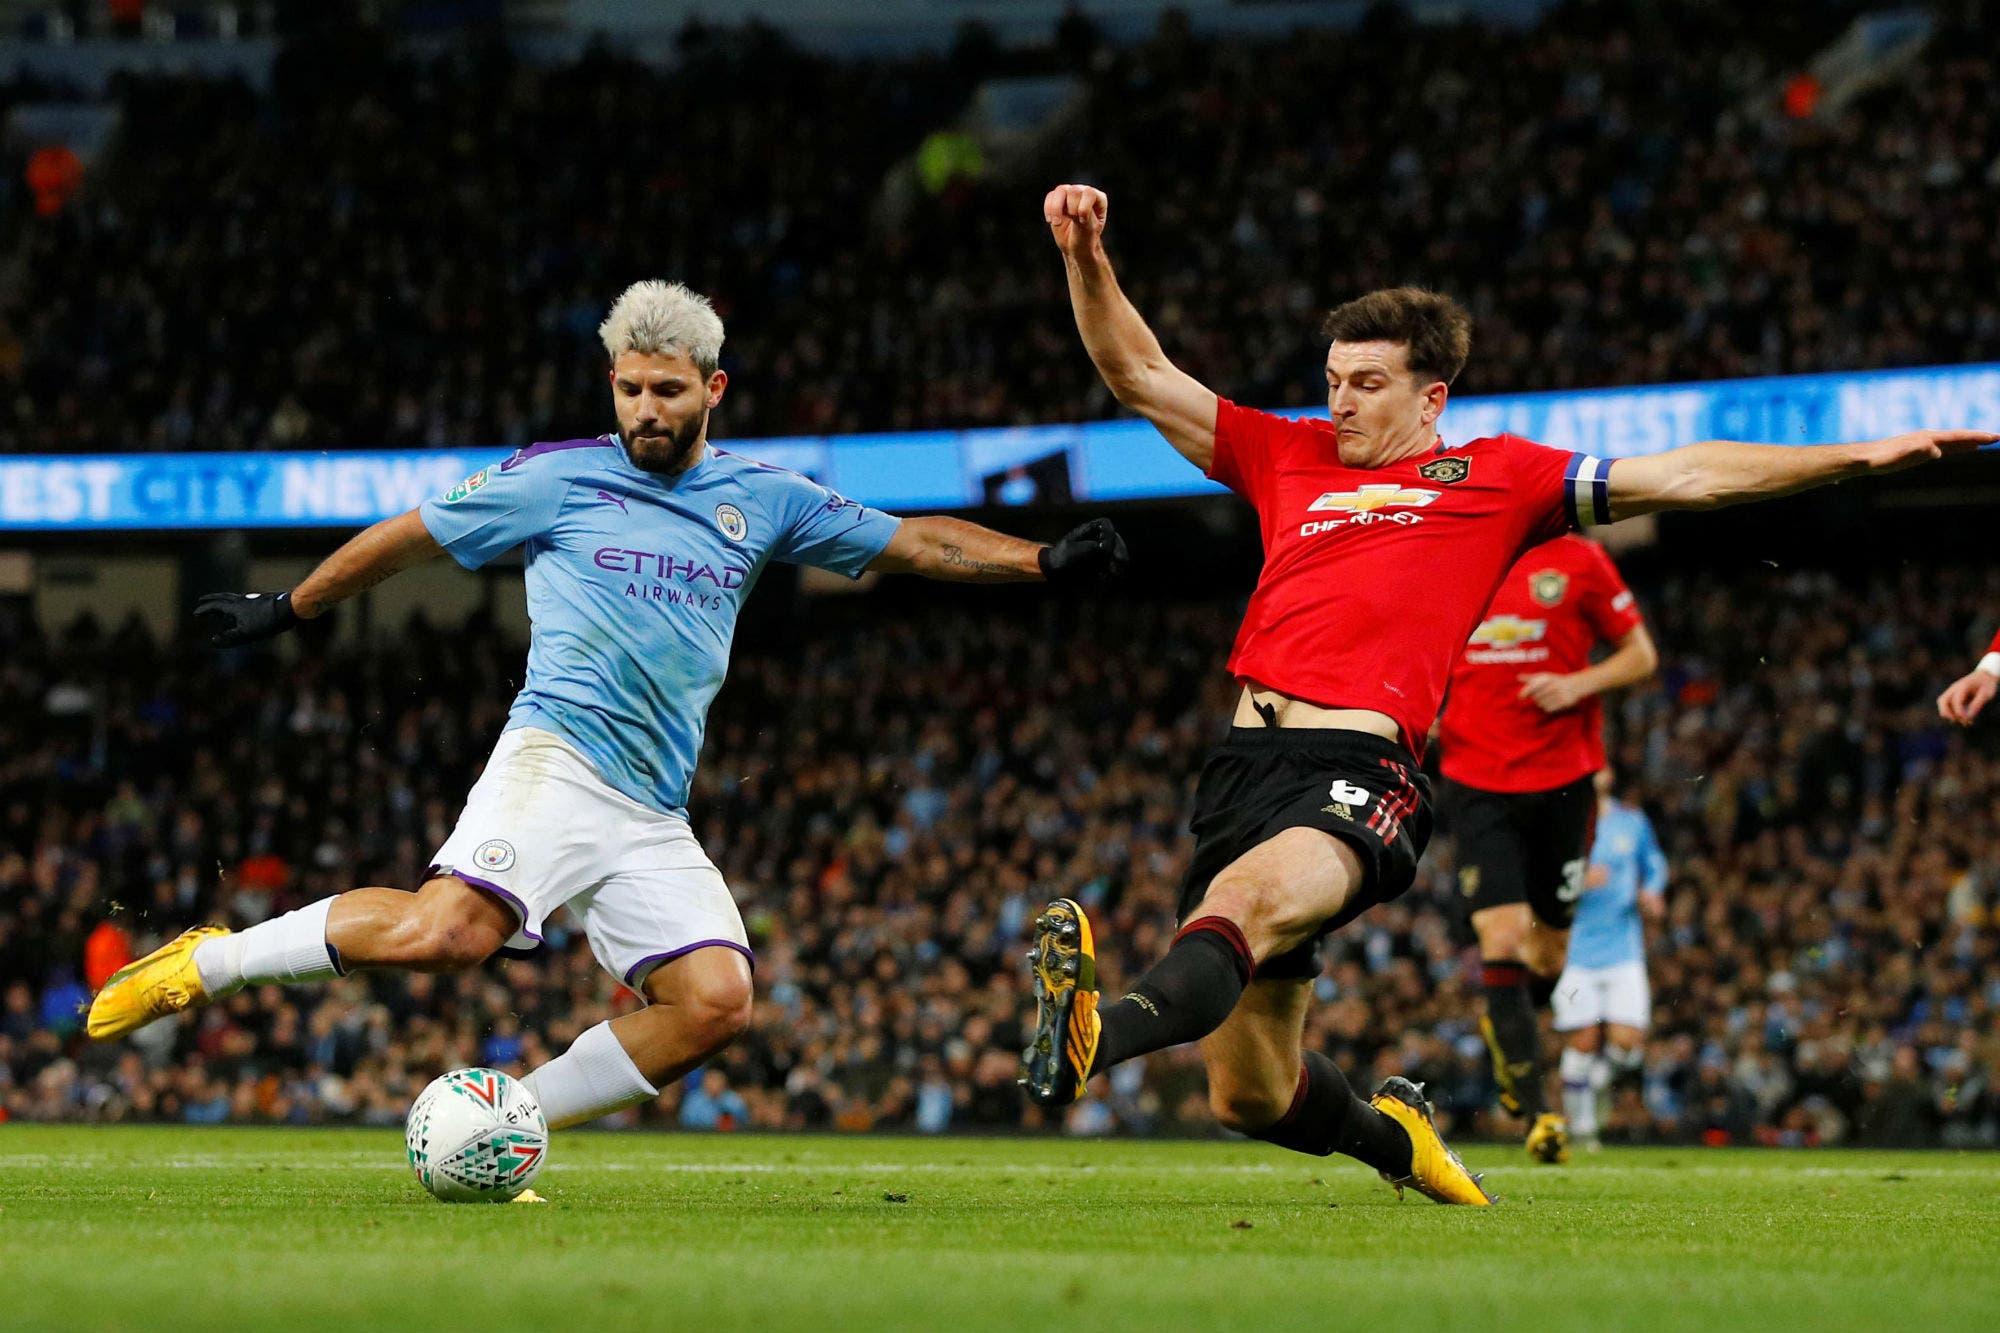 Pese a la derrota en el clásico, Manchester City jugará la final de la Copa de la Liga de Inglaterra